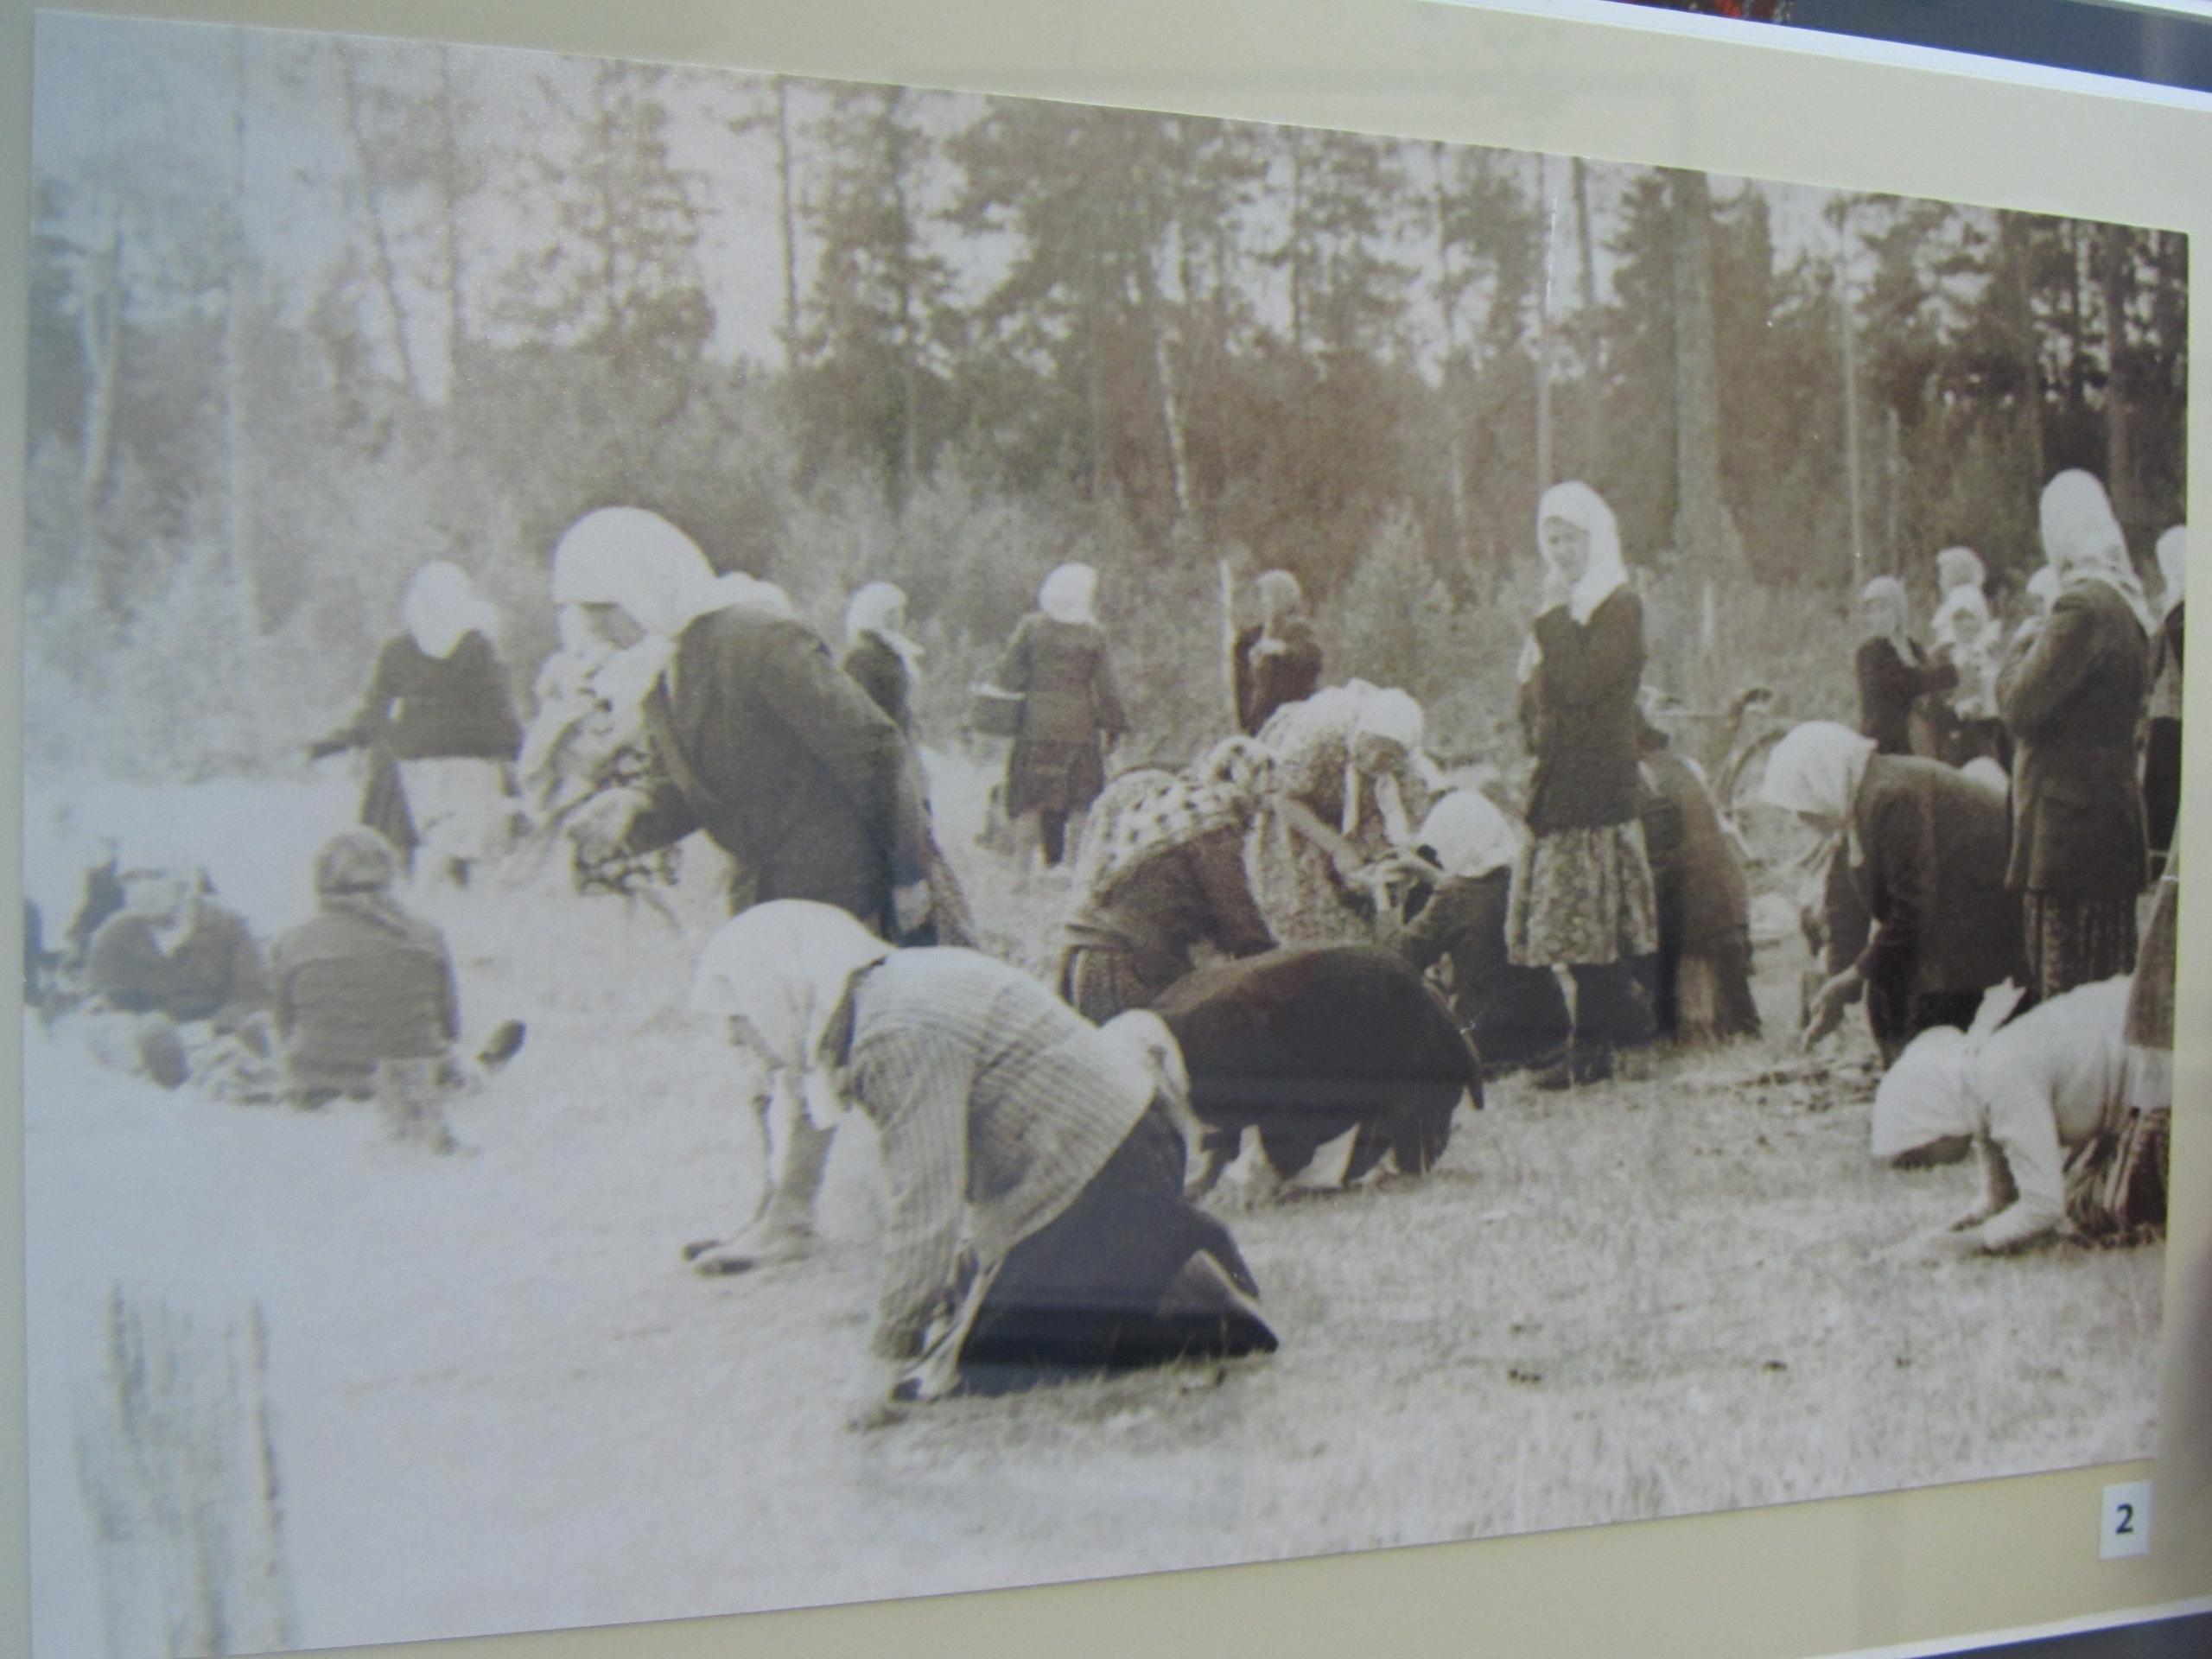 женщины и бабушки (старообрядцы) собирают ягоды и молятся